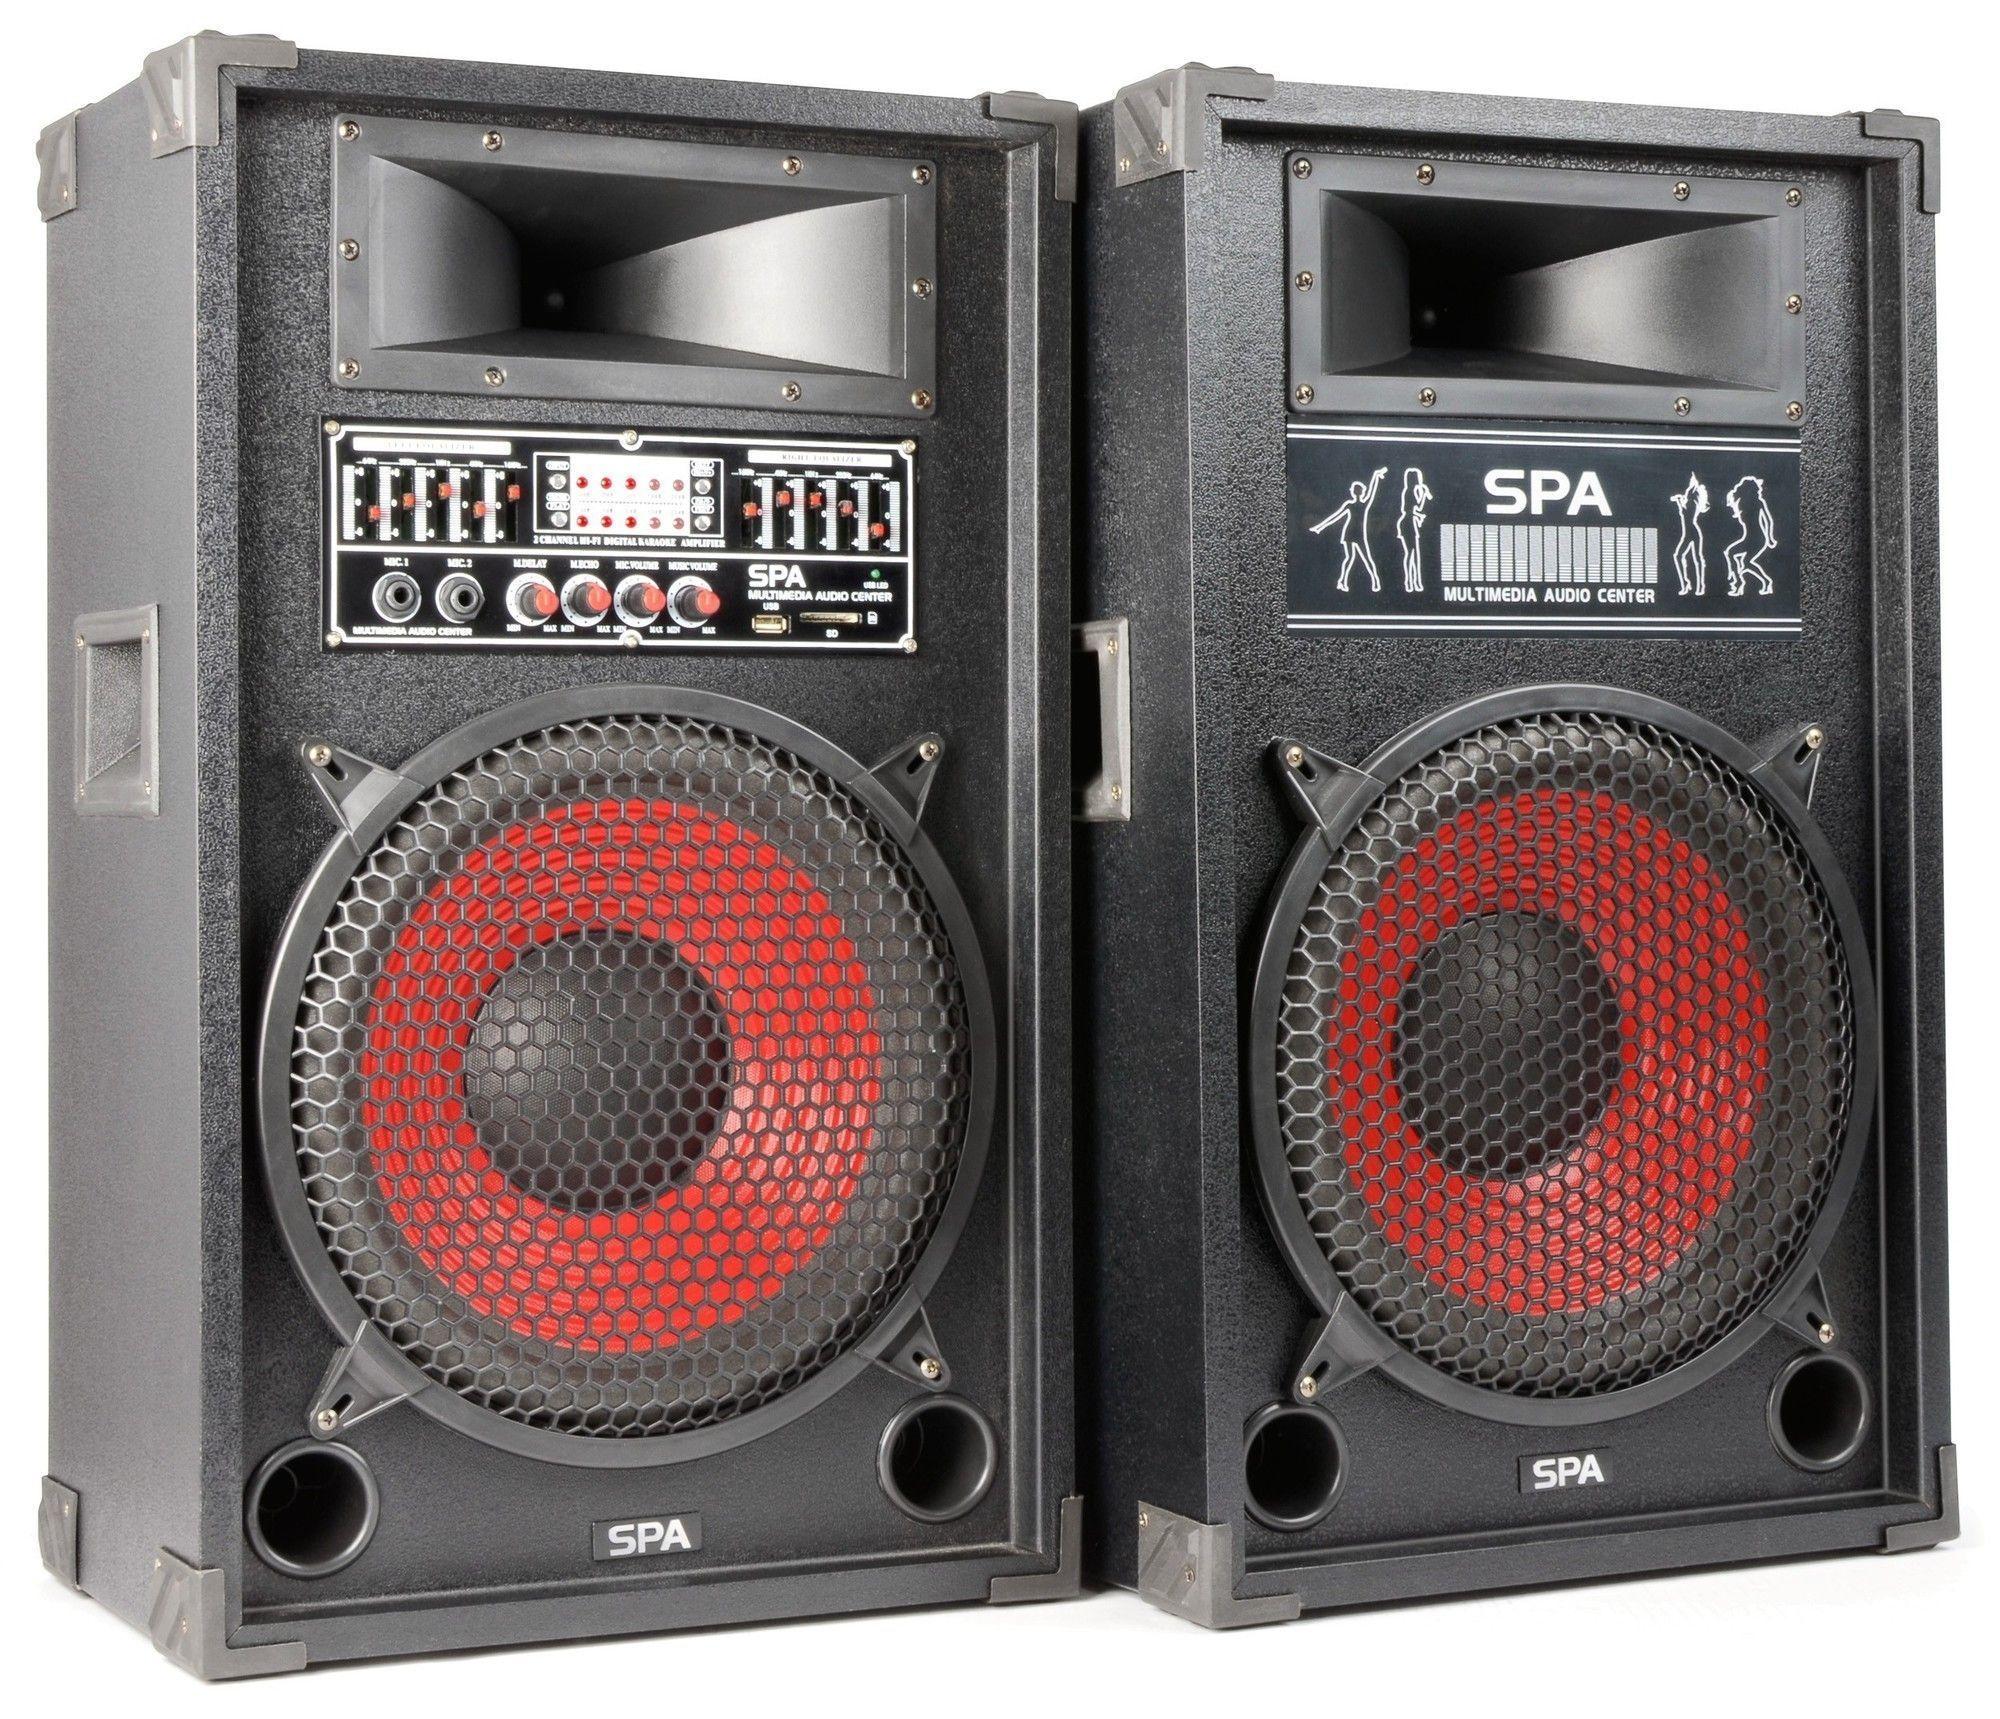 Spa1200 Actieve Pa Karaoke Luidspreker Set 12 1200w Met Usb Mp3 Skytec kopen